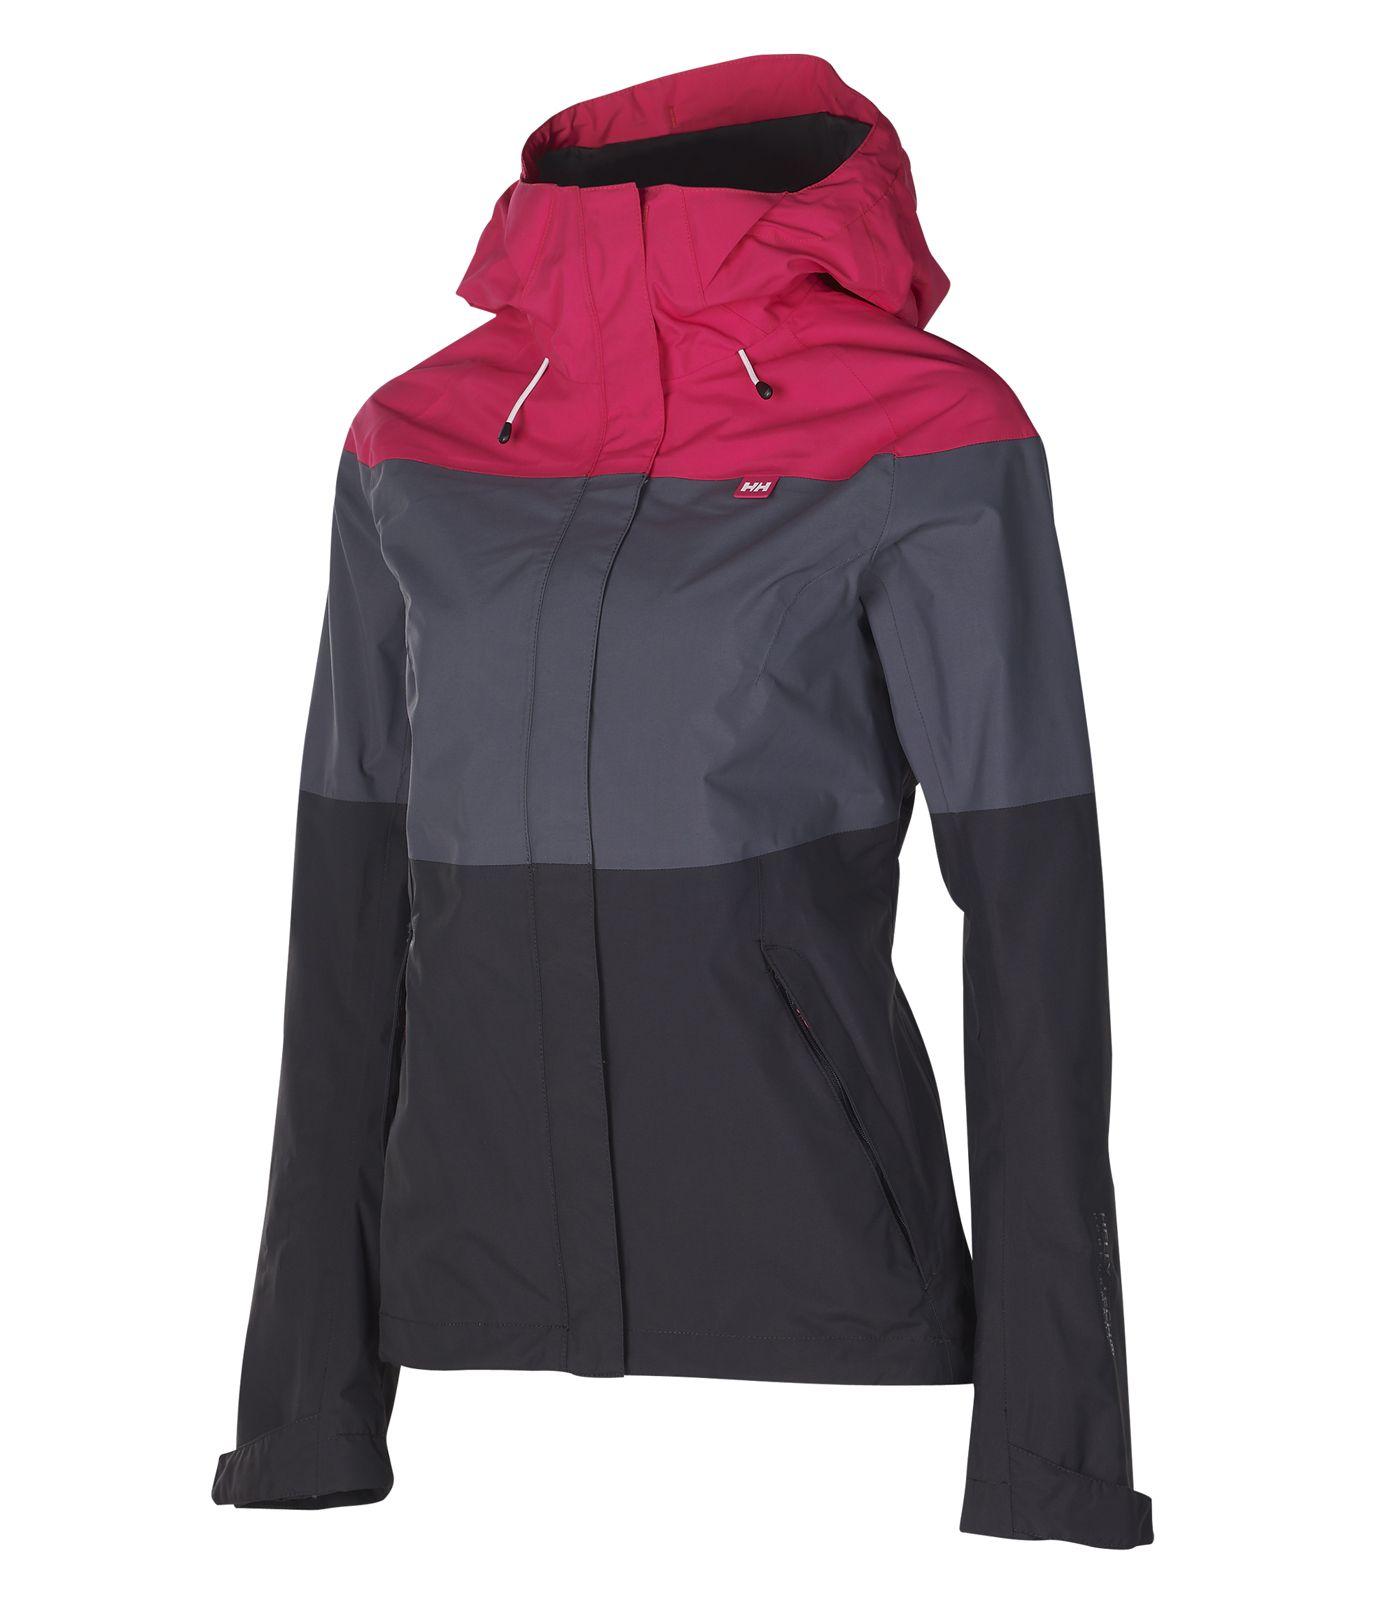 Helly Hansen Vancouver - Vêtements - Femme - Manteaux, blousons et vestes |  Sports Experts